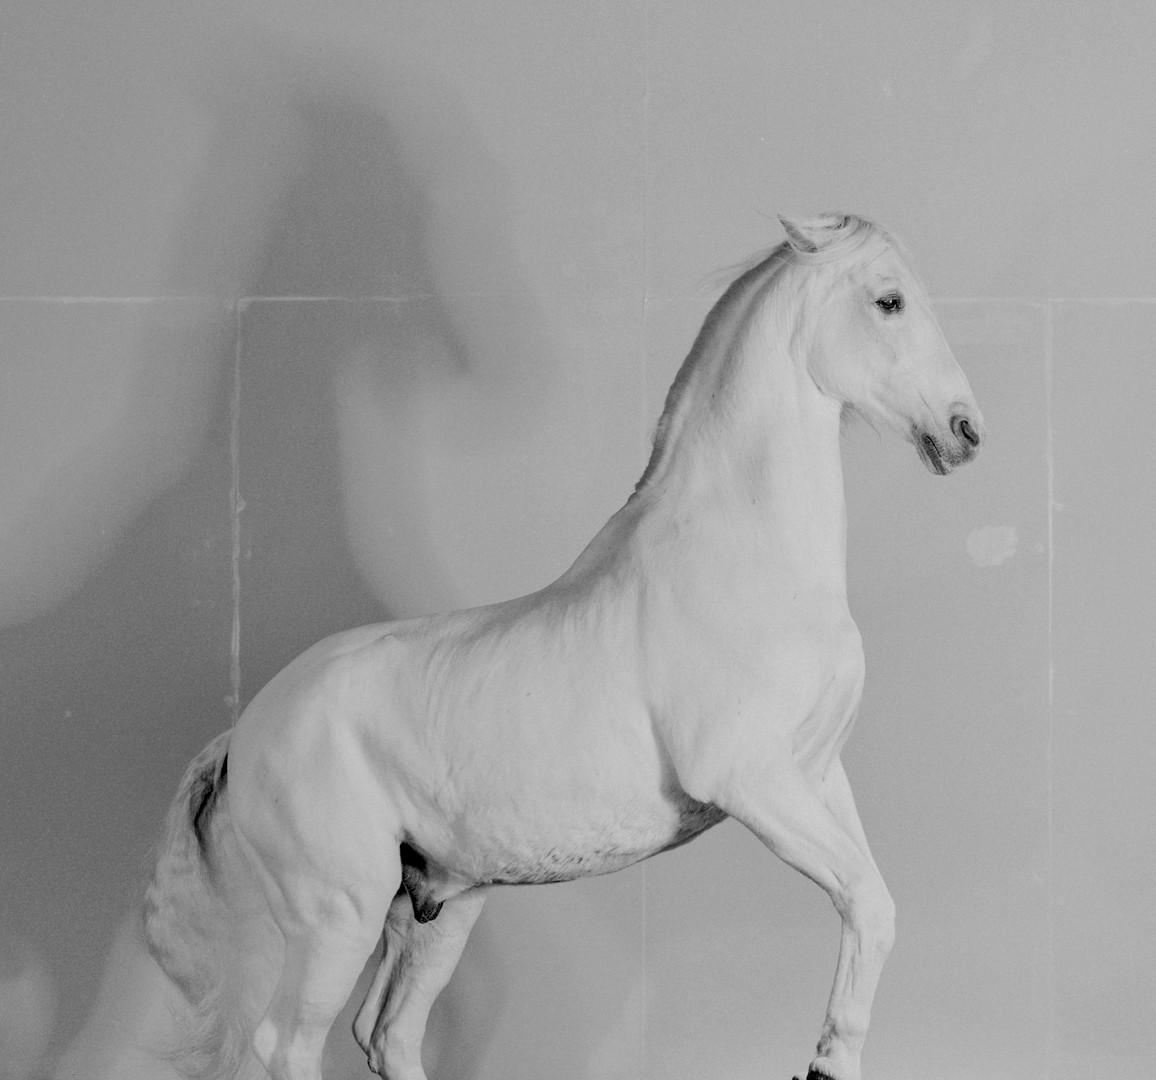 Richard Learoyd, 7 Horses (Horse 1), 2017